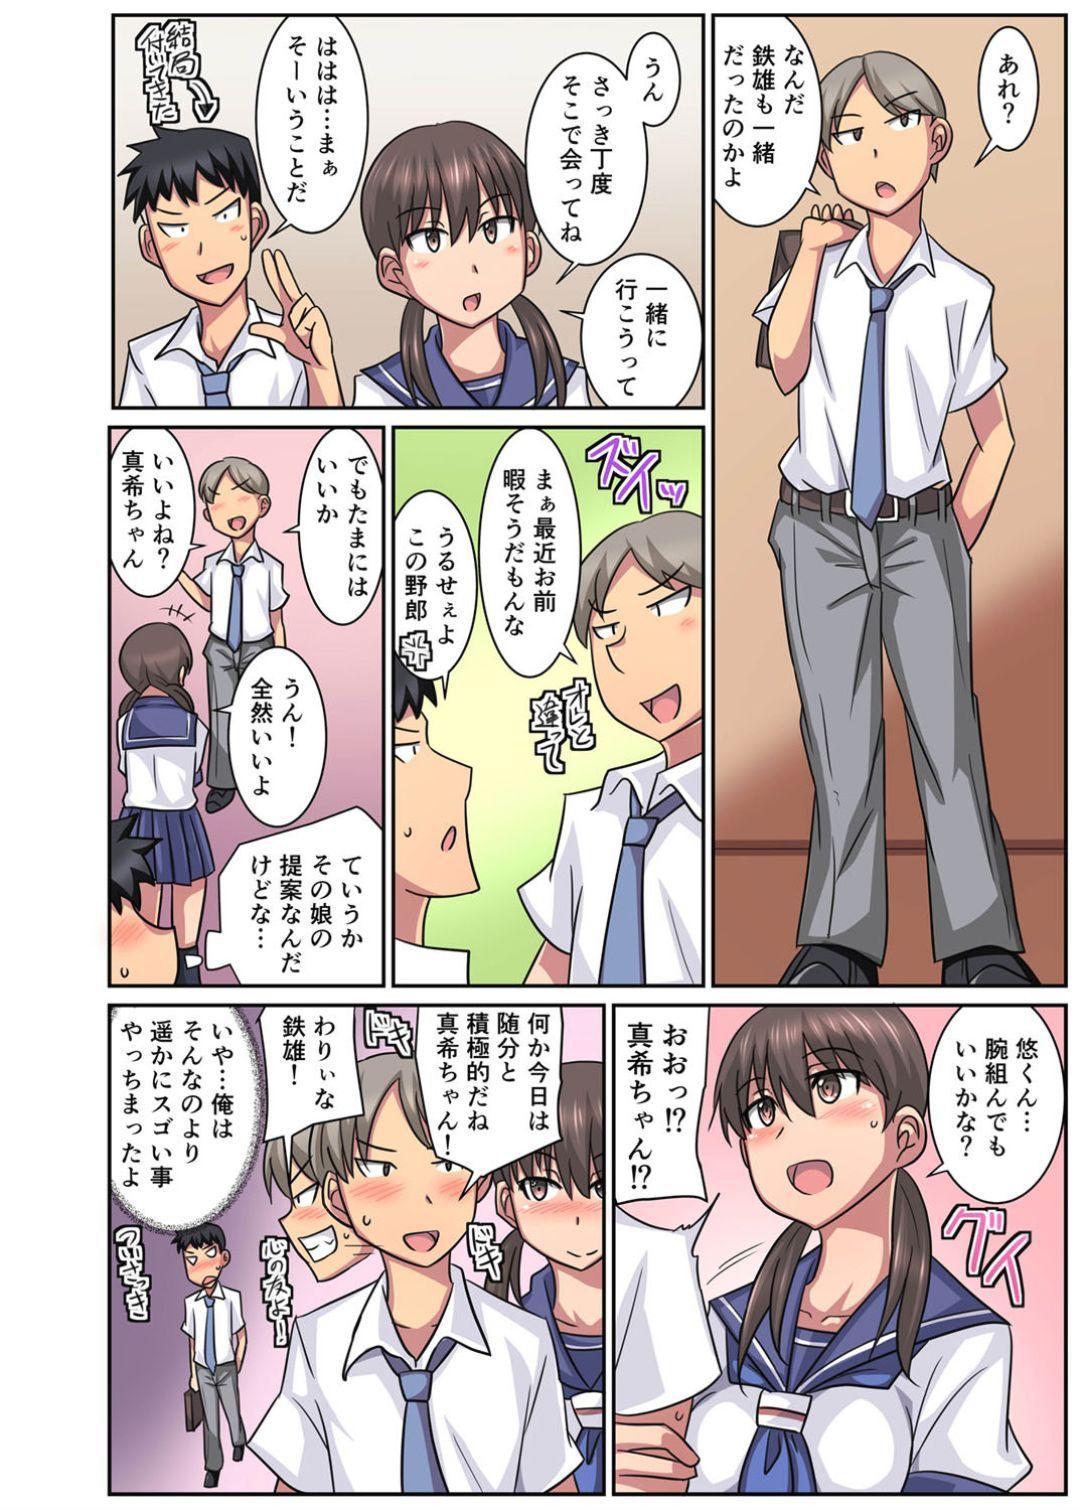 Shinyu no kanojo wa netorare kibo no seiso bitch!? 20